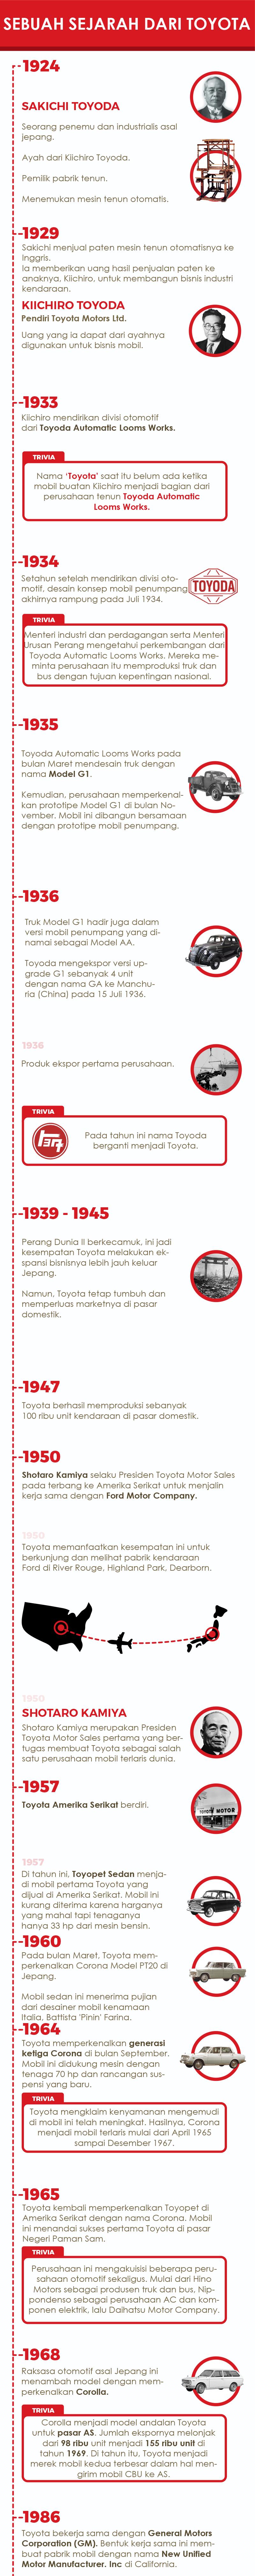 sejarah toyota infografis